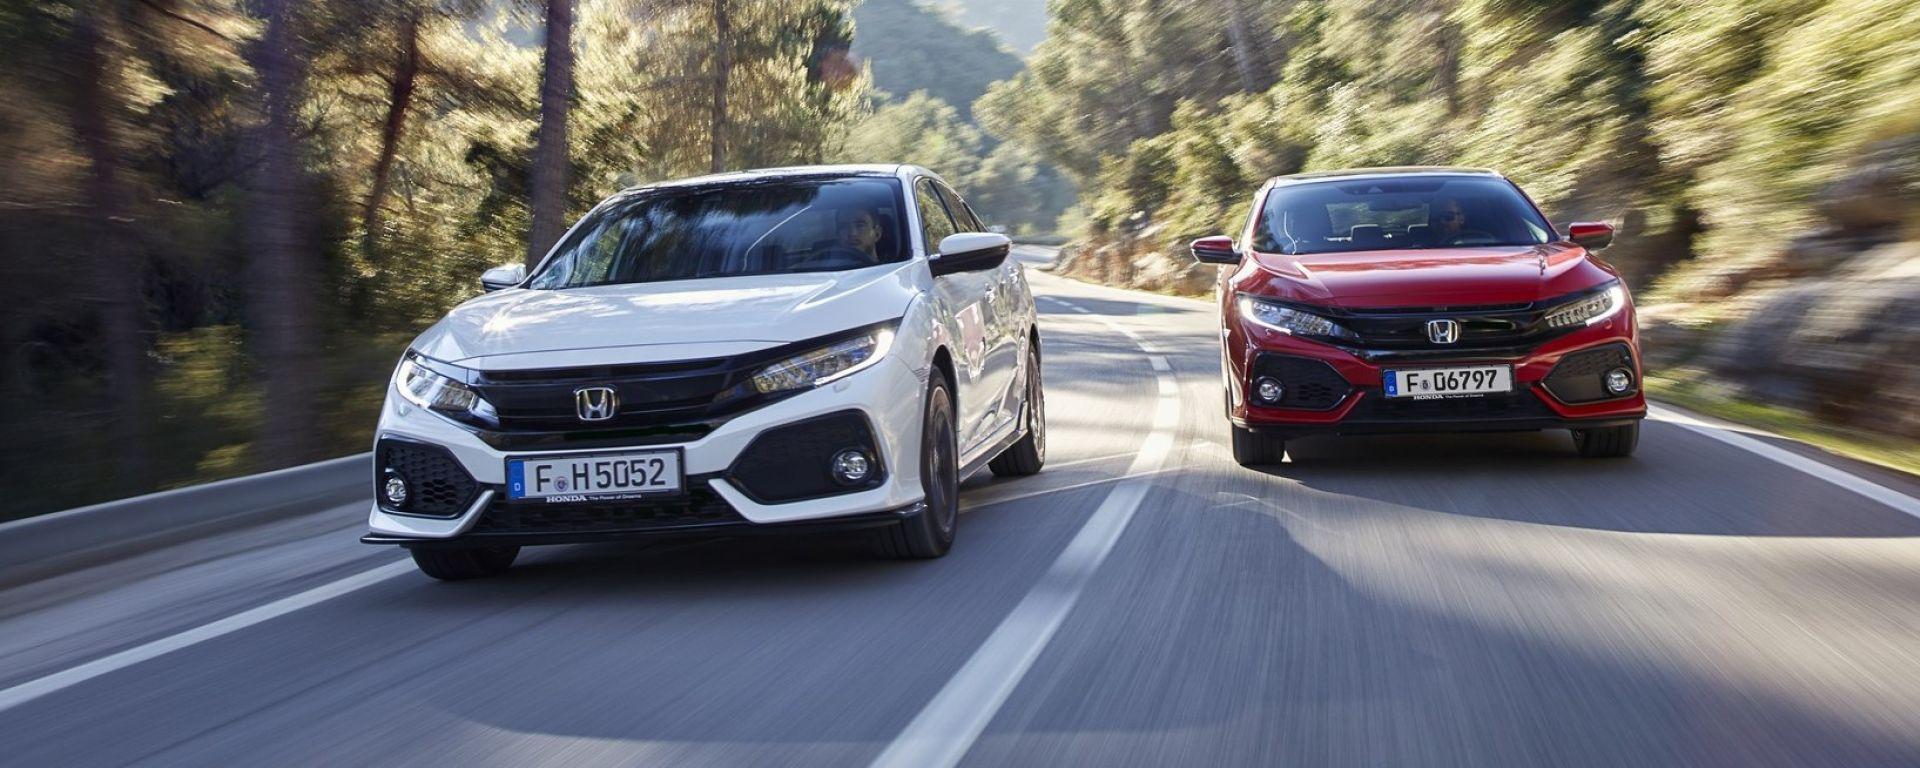 Honda Civic: nel 2018 il 1.6 diesel sarà ancora più green